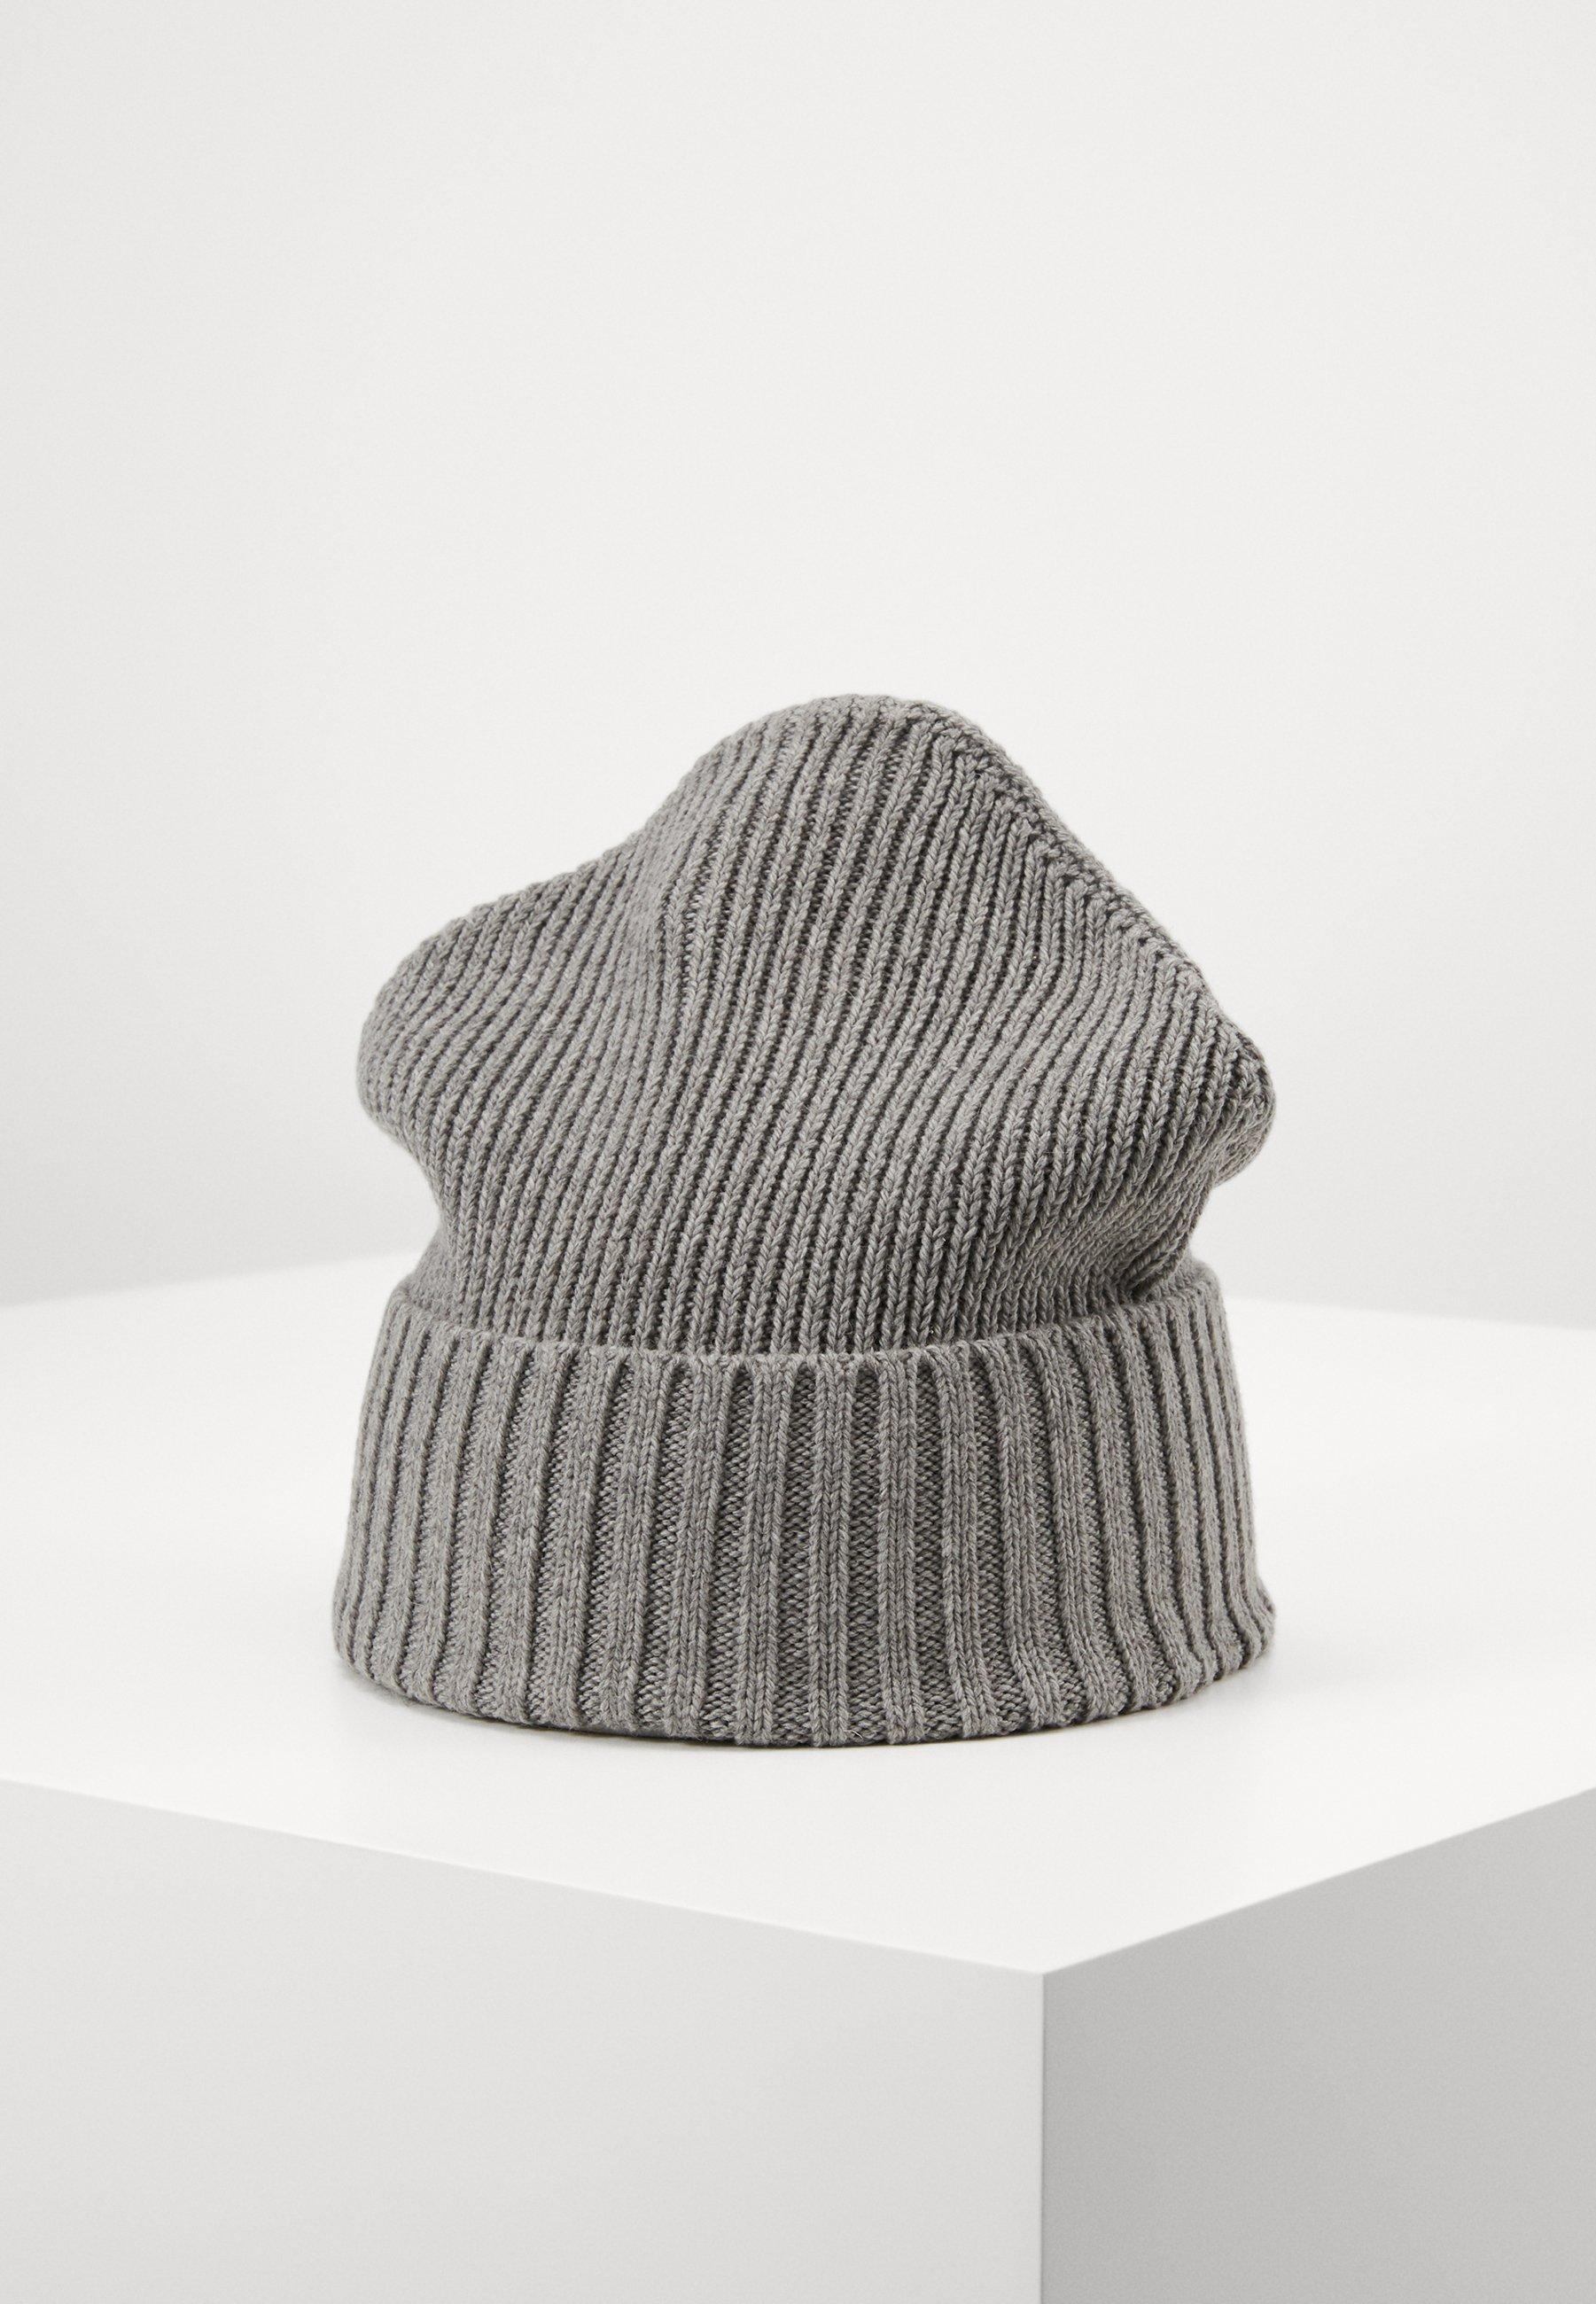 Zign Mütze - Grey/grau